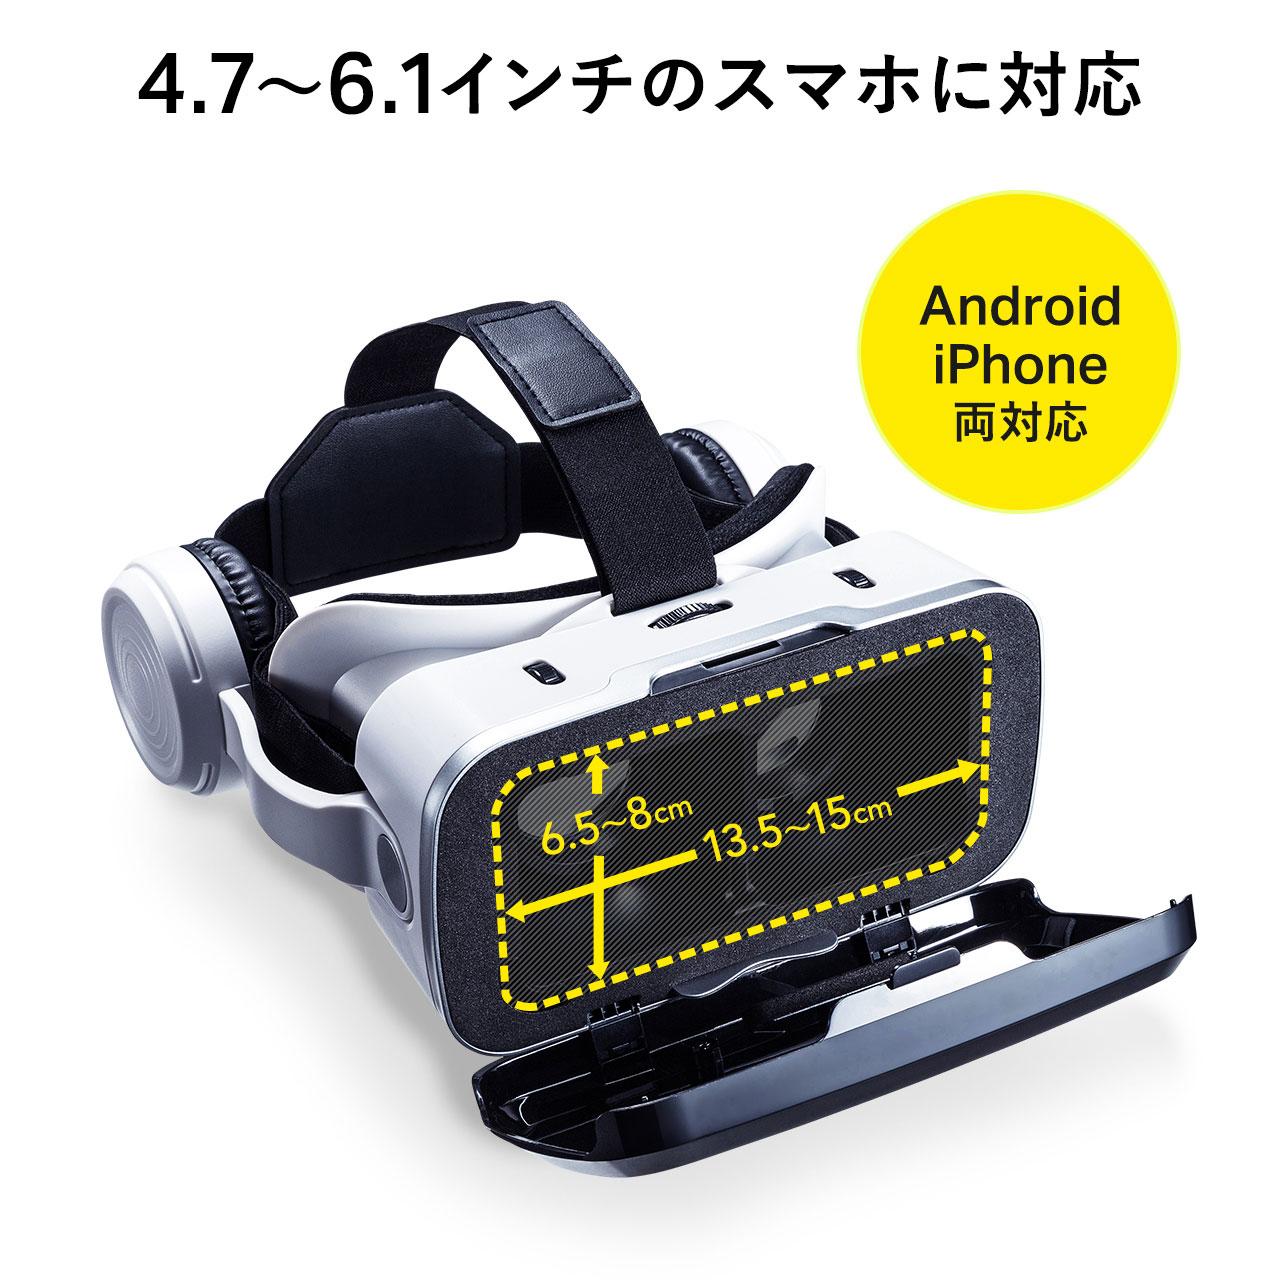 MED-VRG6 sanwasupply